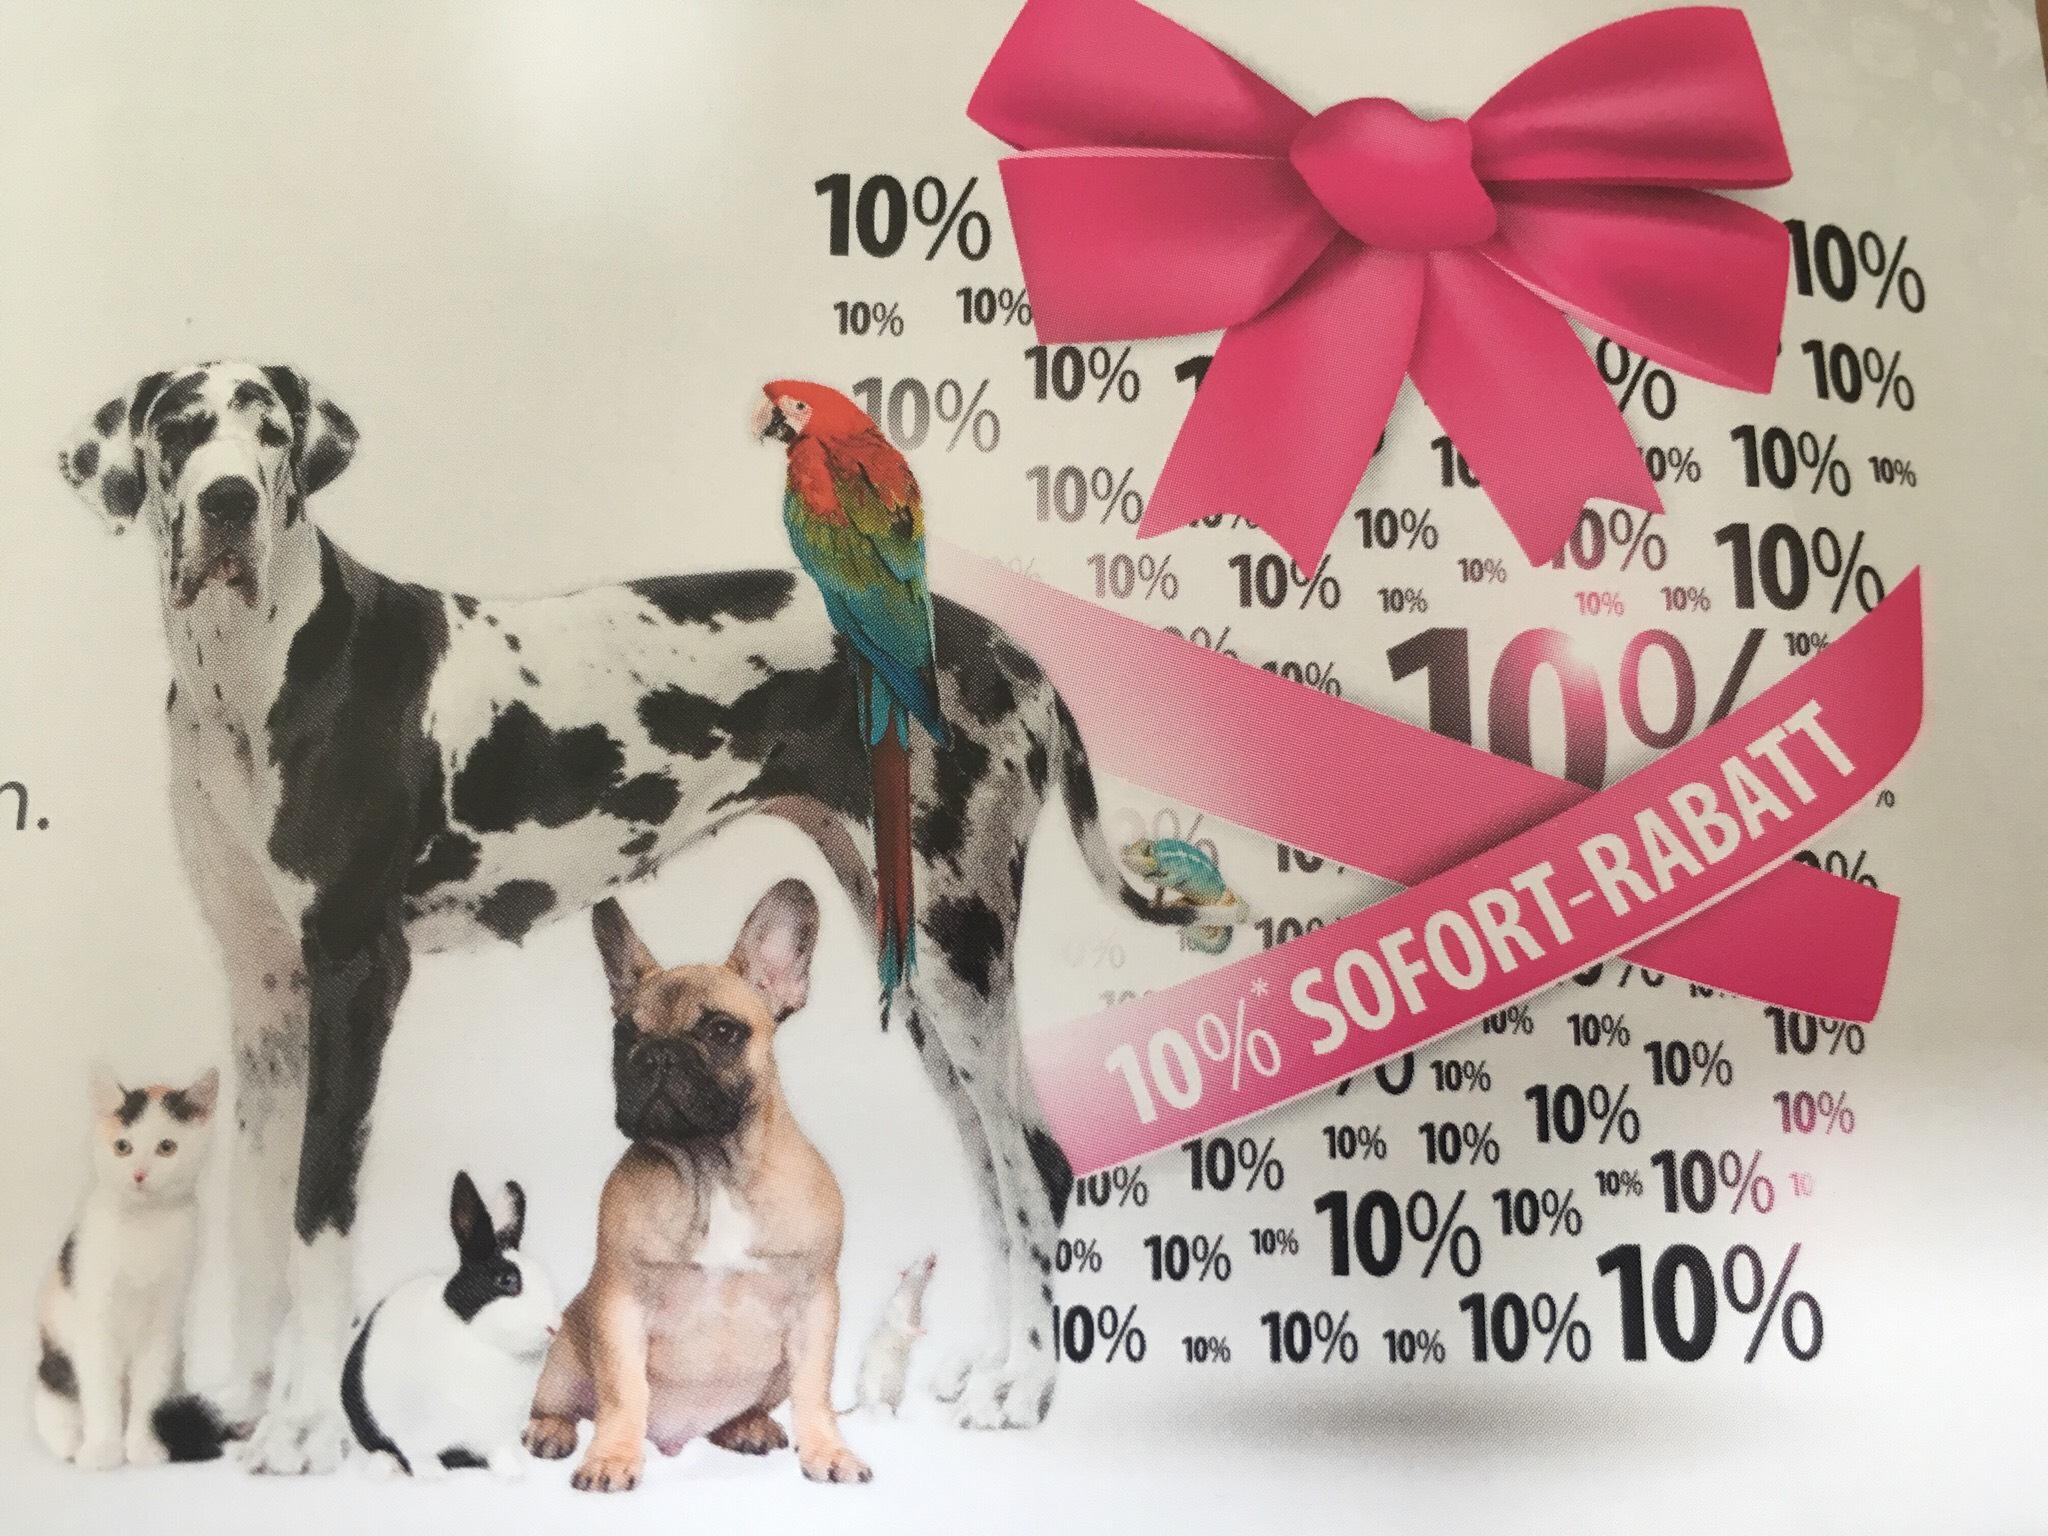 10% auf alles - außer Tiernahrung (5%) bei meintierdiscount.de